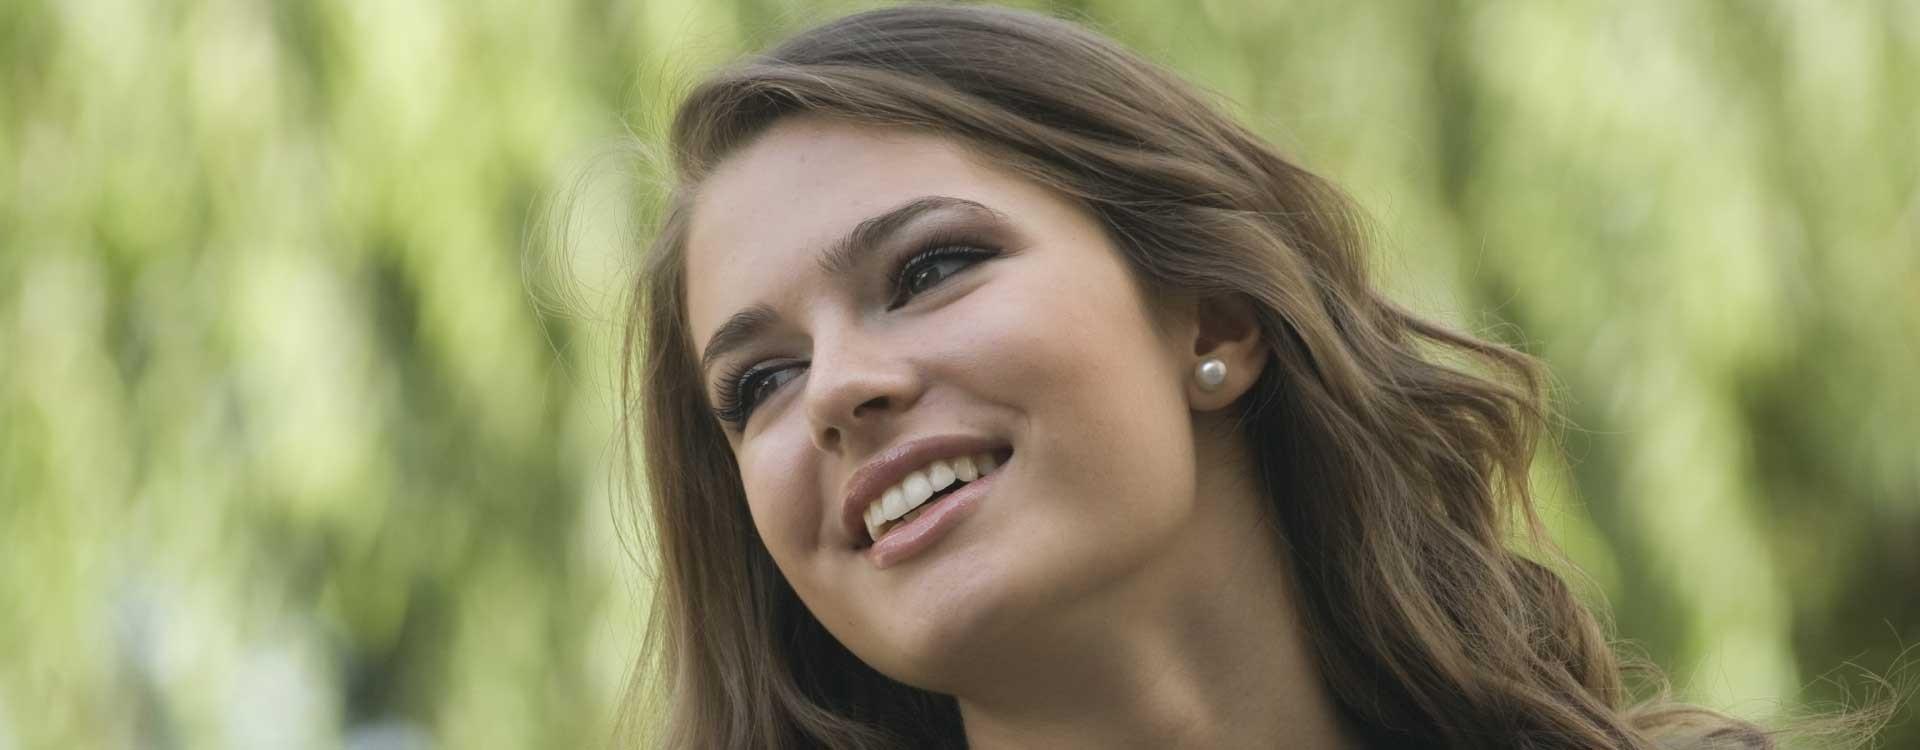 Protesi capelli donna: soluzione all'alopecia femminile